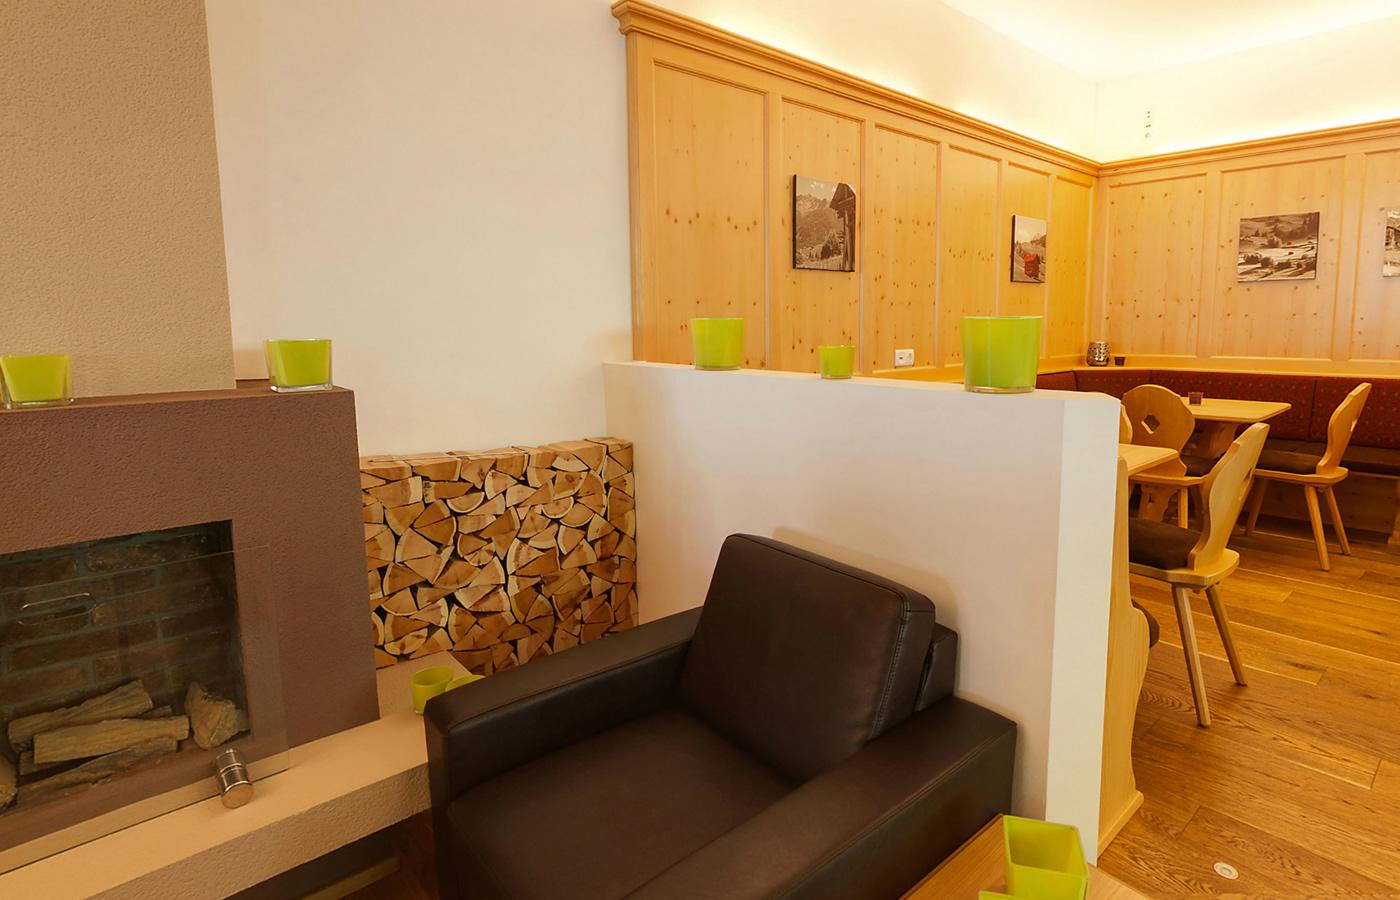 Hotel Natürlich in Fiss - Tiroler Stube für Familien Spieleabende! Spielplatz.